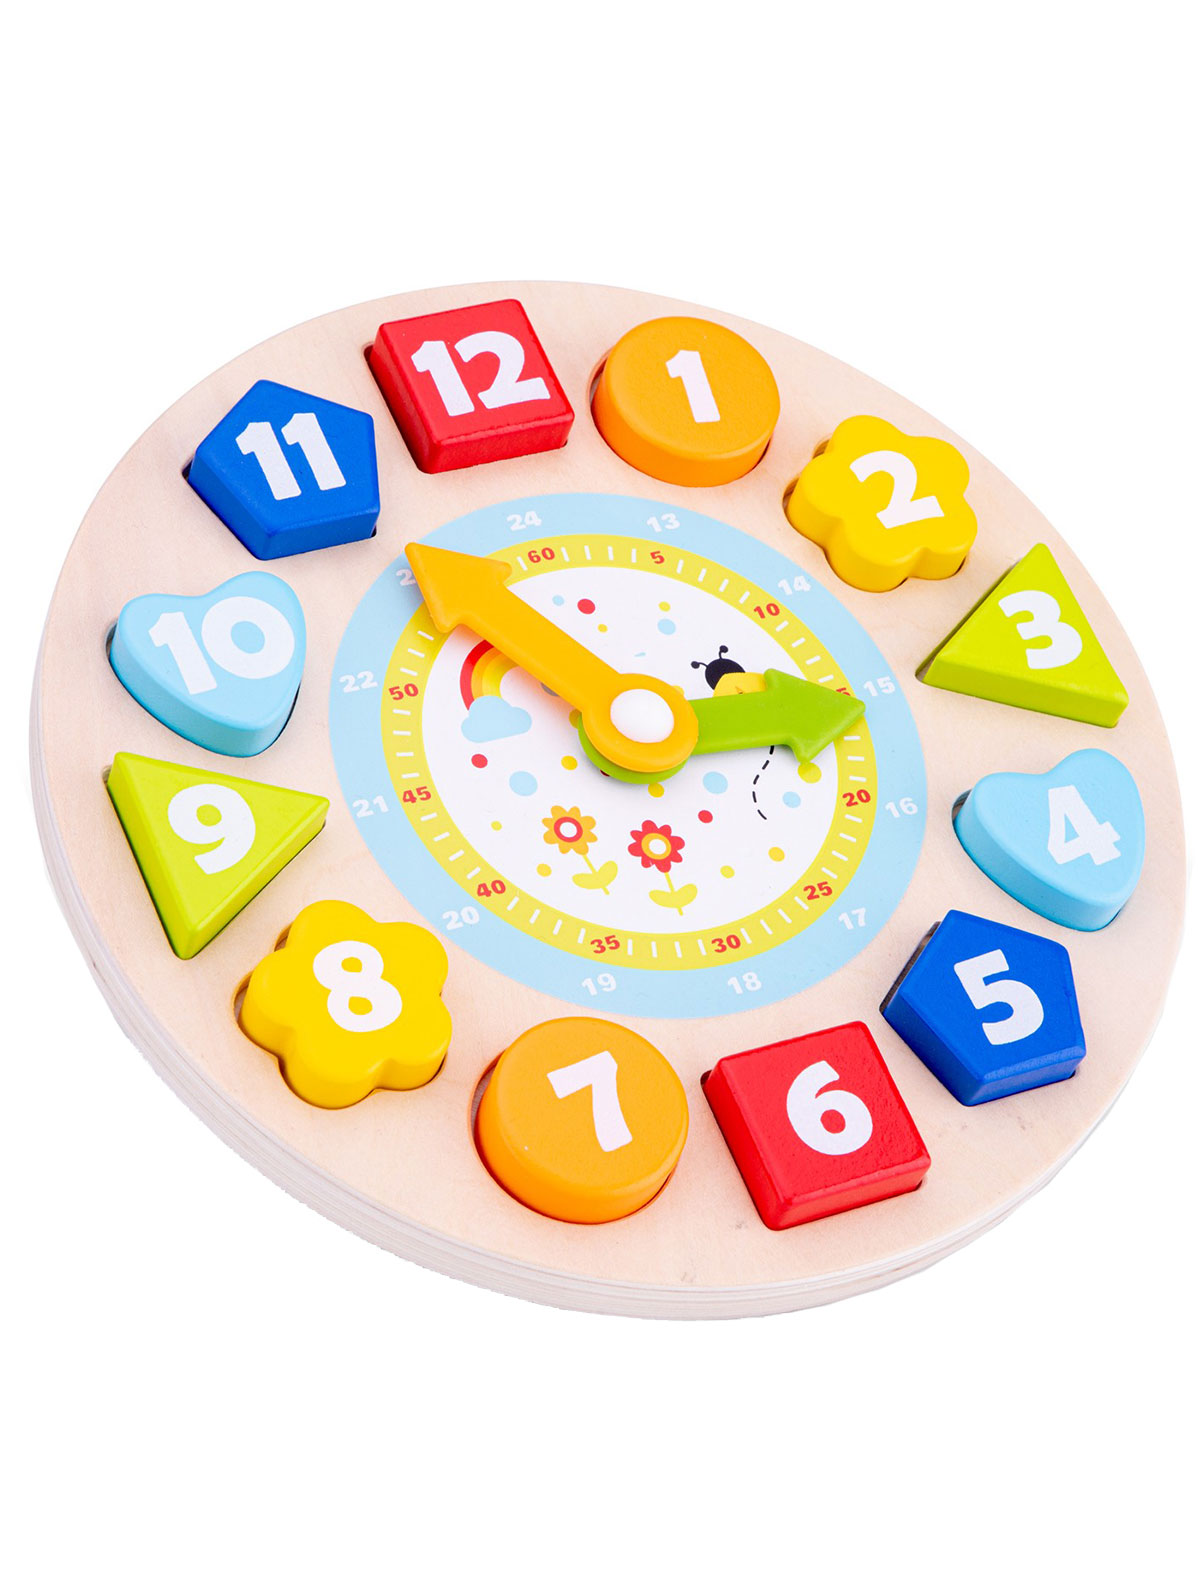 Игрушка New Classic Toys 2267329 разноцветного цвета